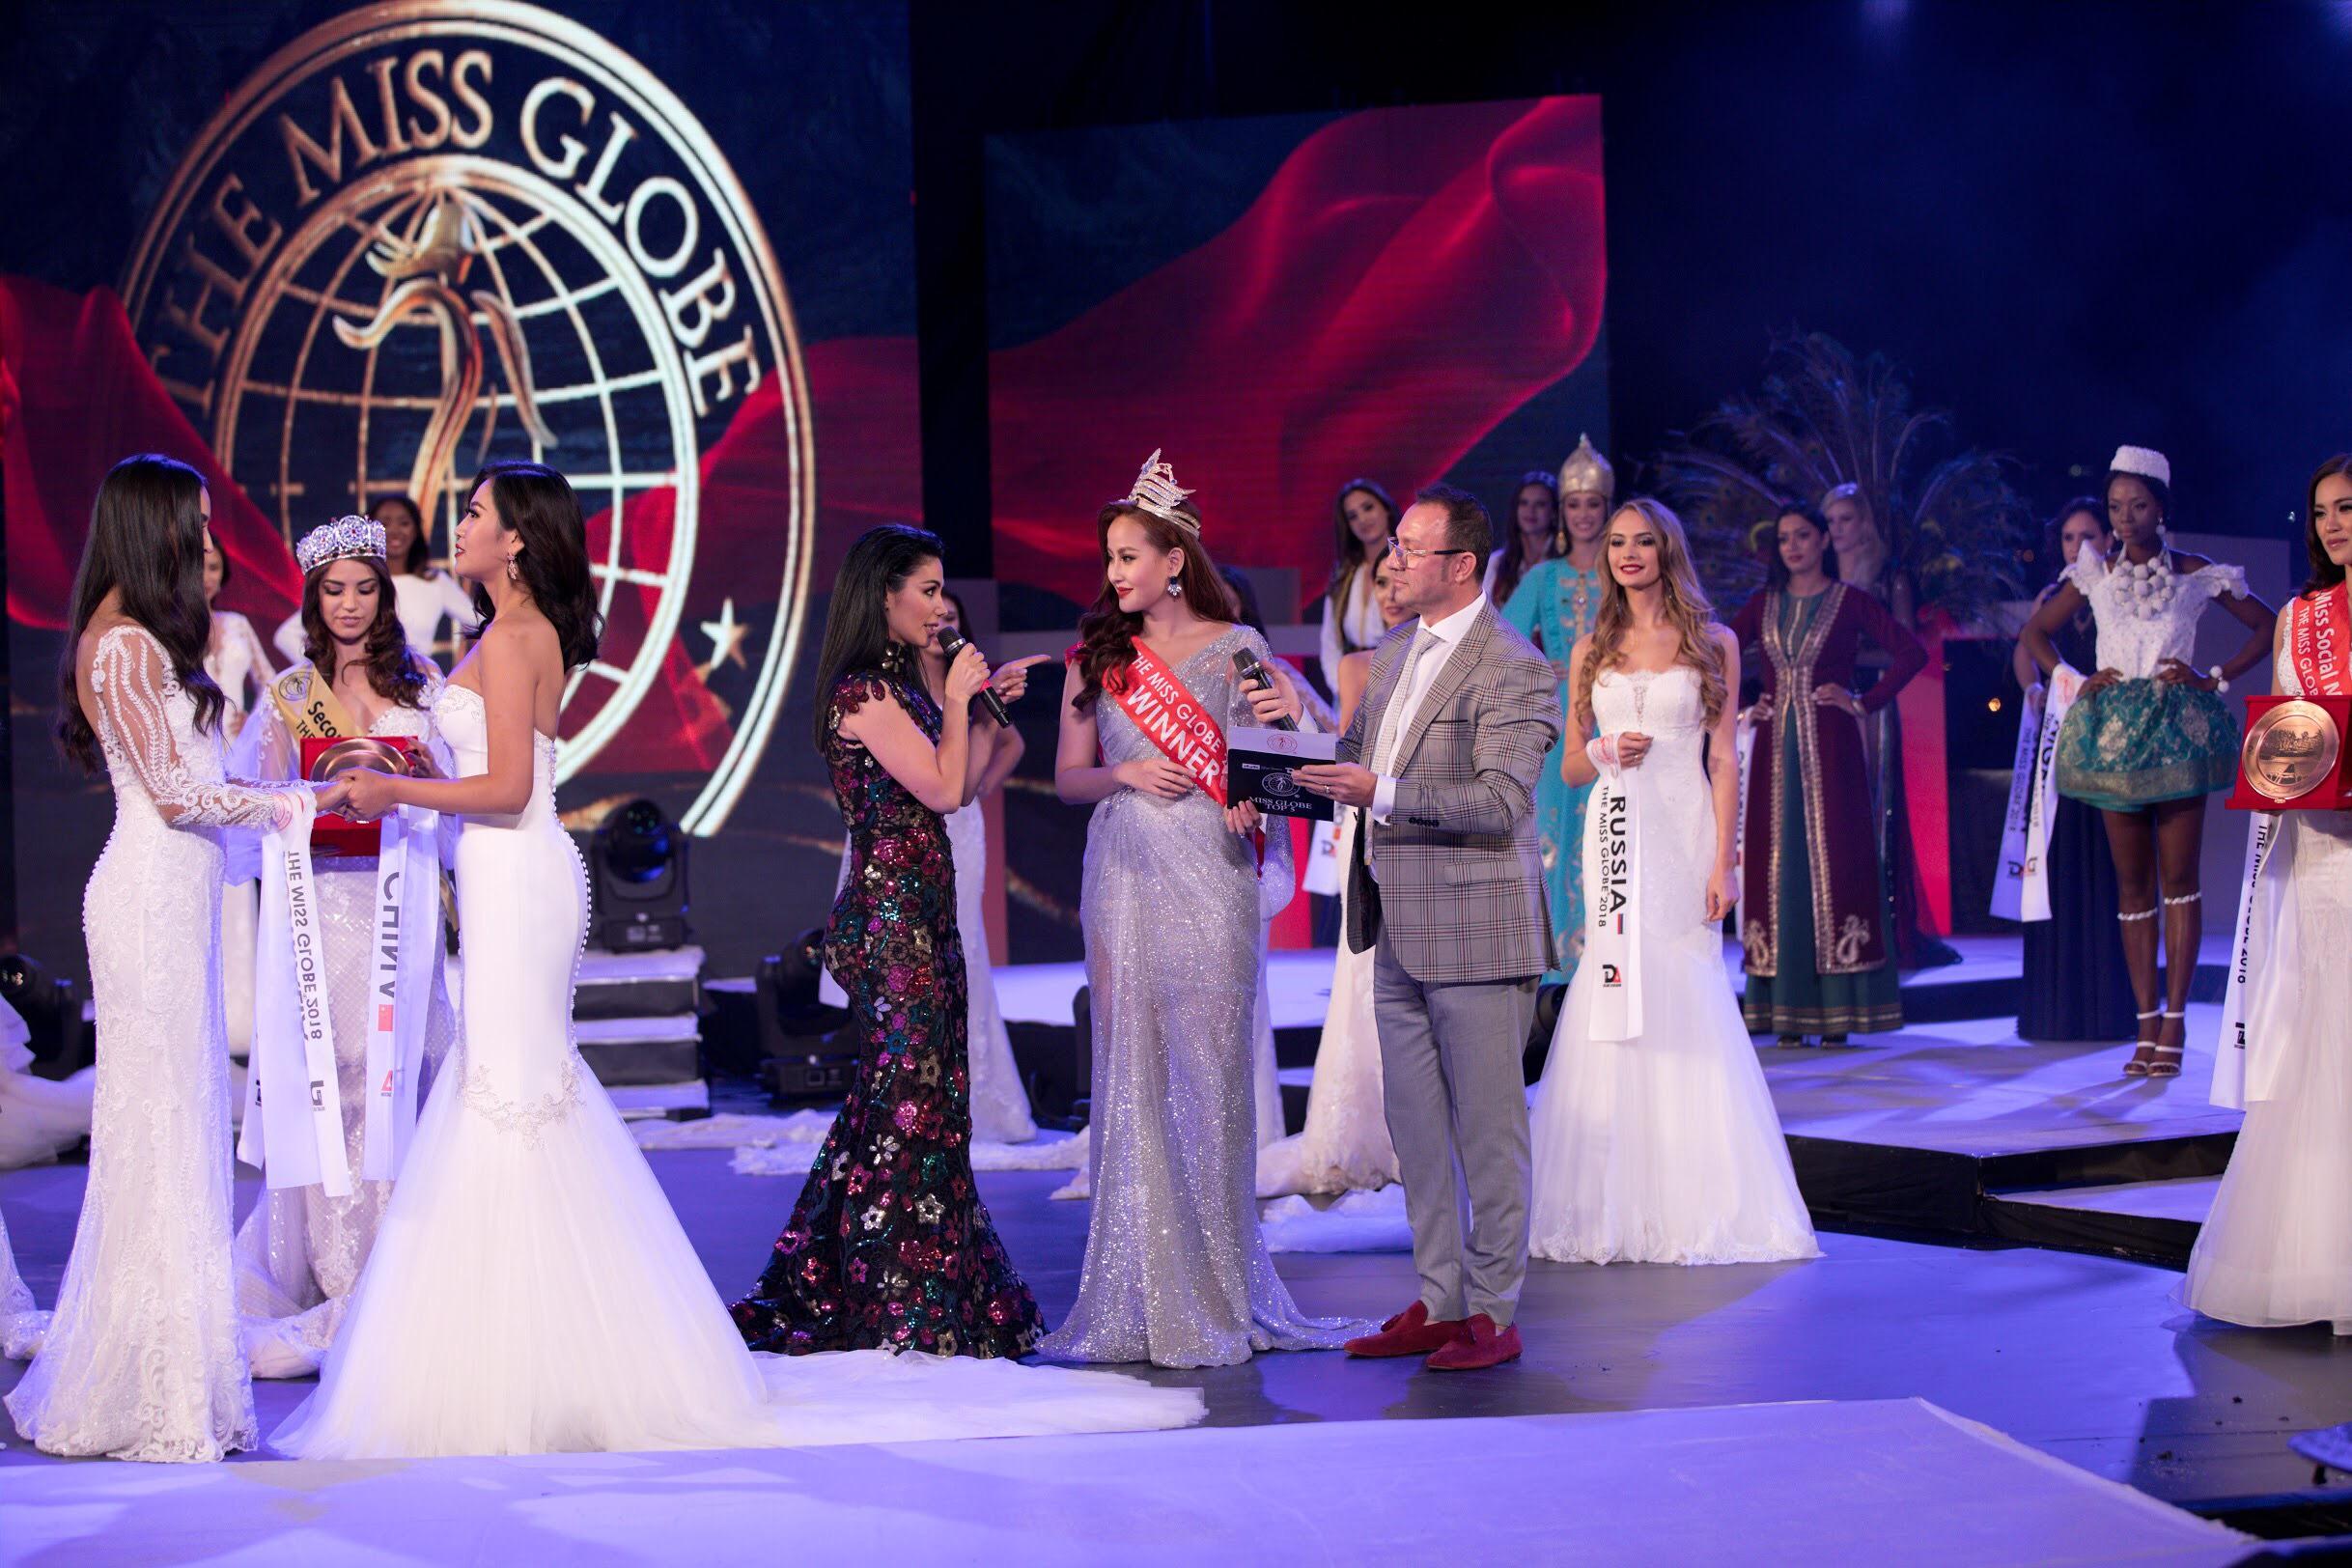 Hoa hậu Khánh Ngân thất vọng khi không được trao vương miện cho tân Miss Globe 2018 2